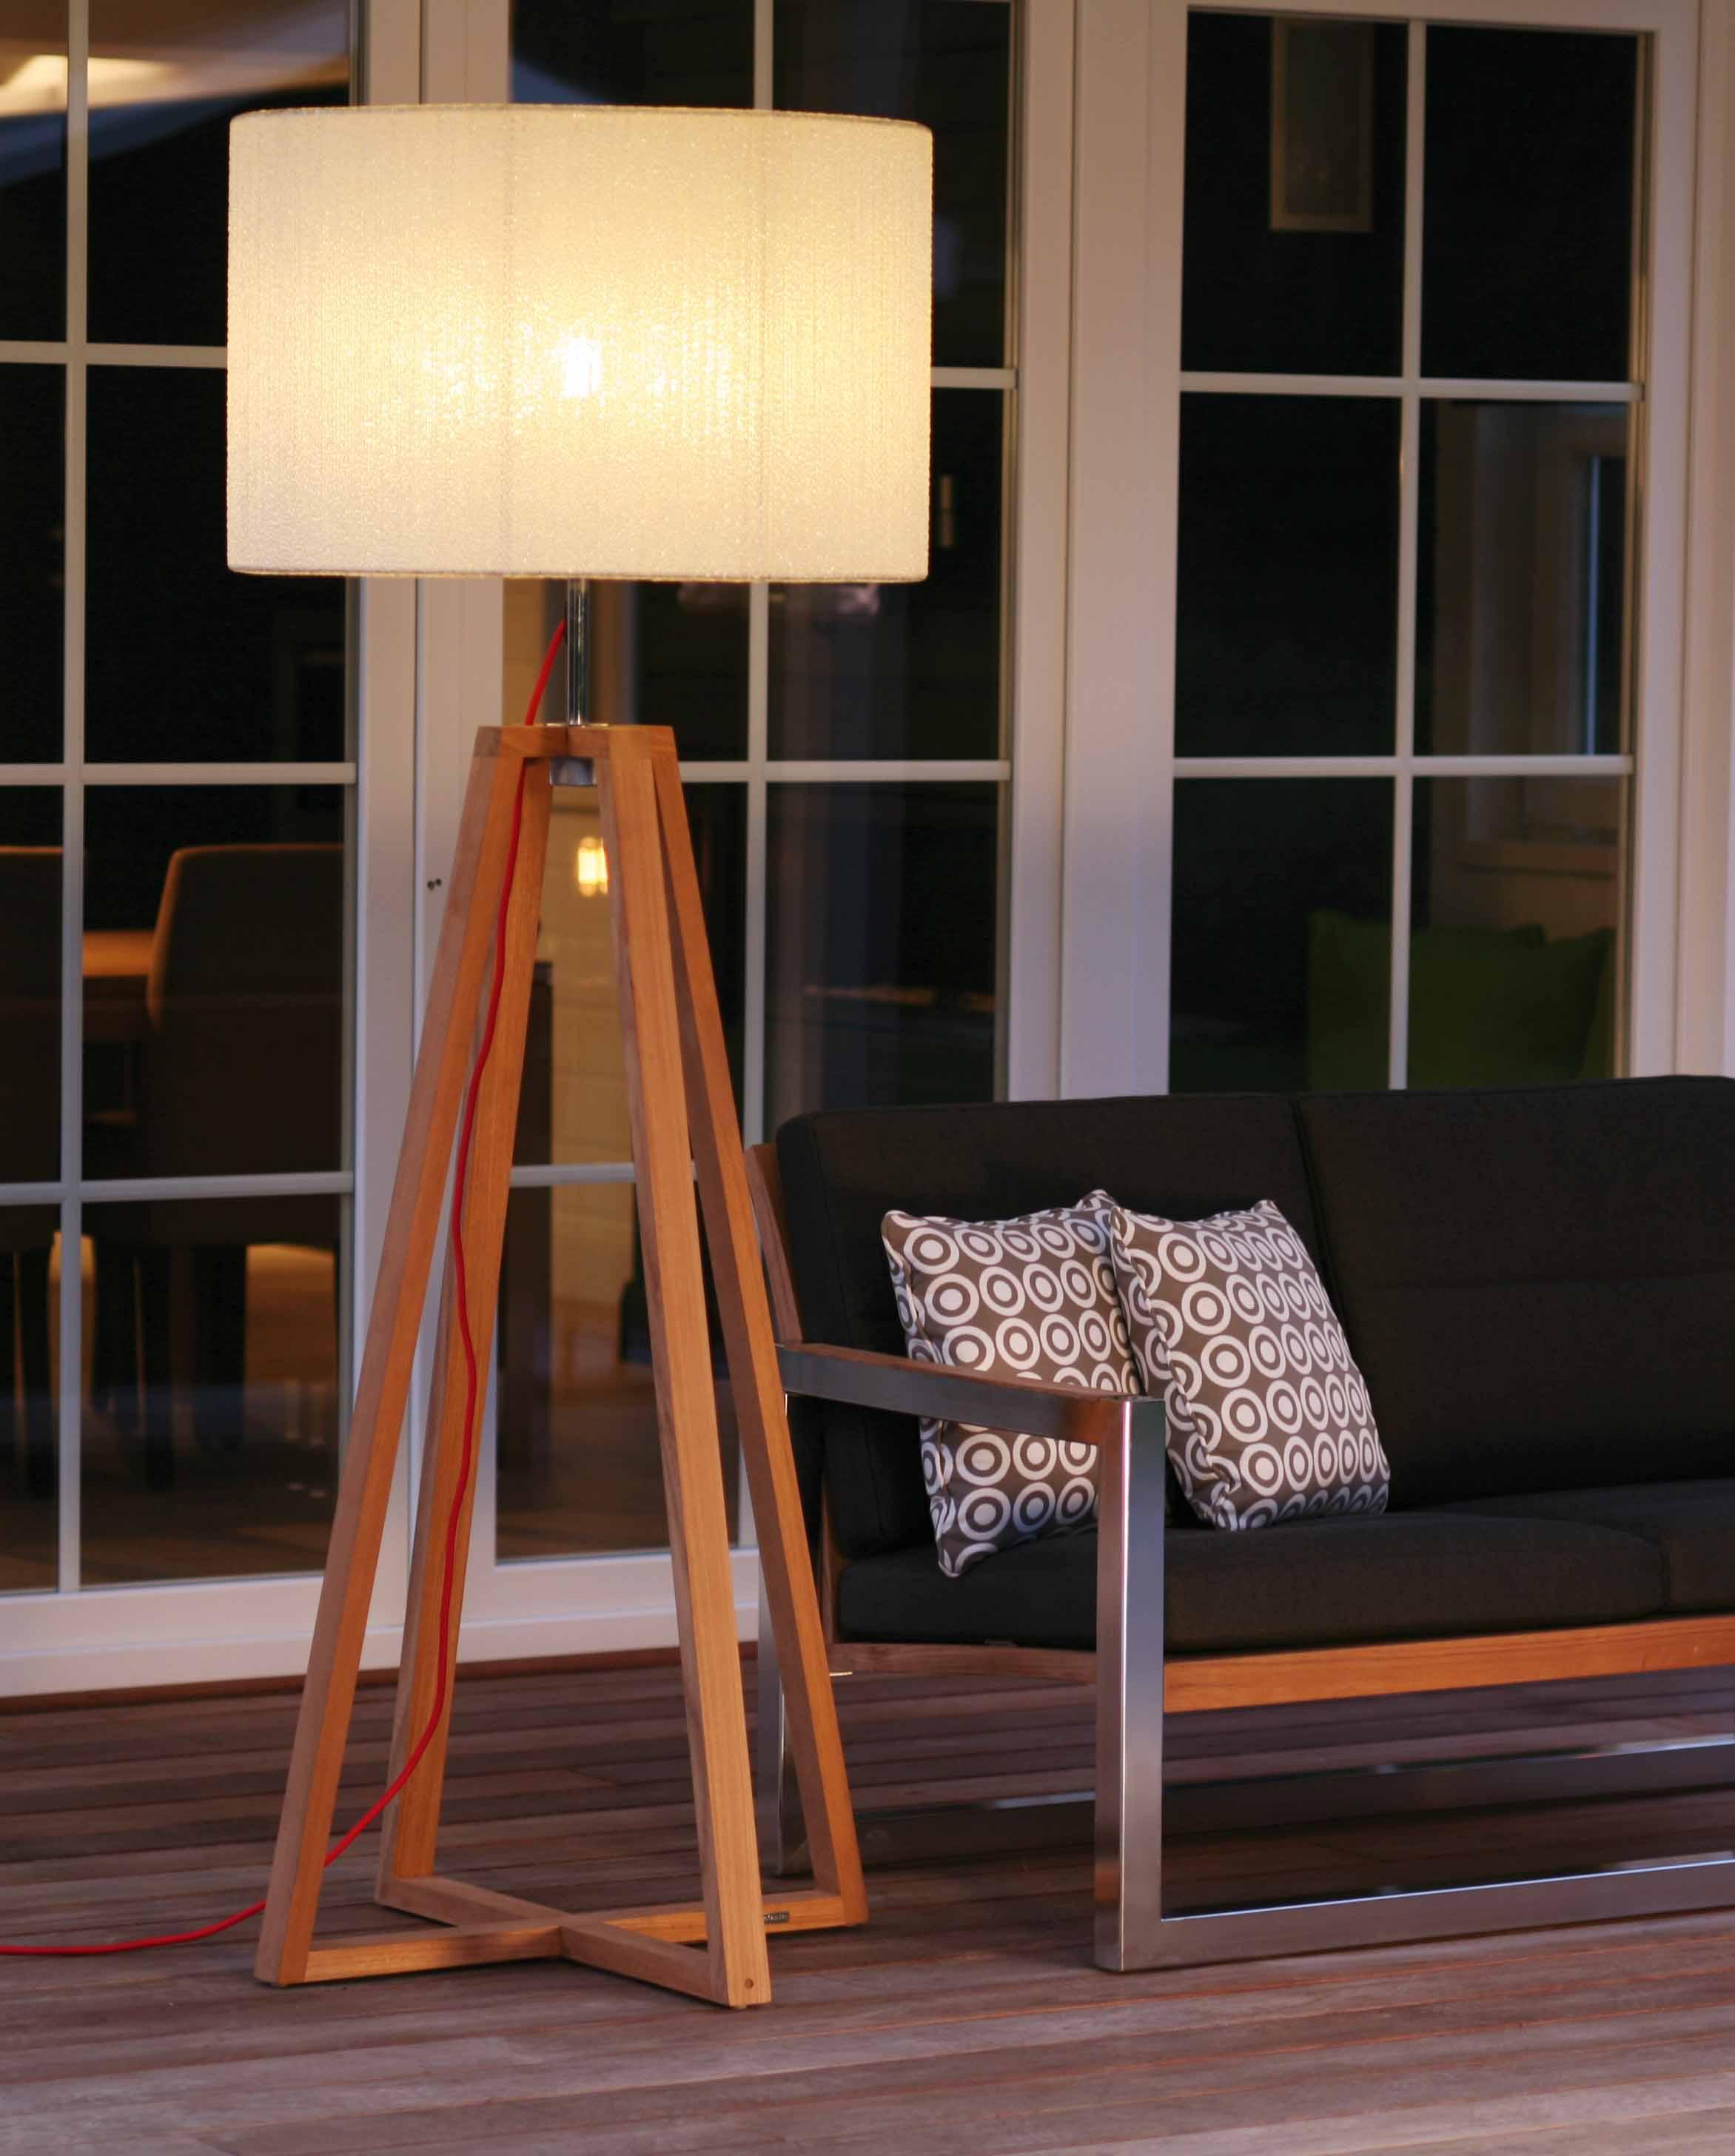 tripod-lambader-modeli-2017 Dekorasyonda Kullanabileciğiniz En Şık Dekorasyon Ürünleri